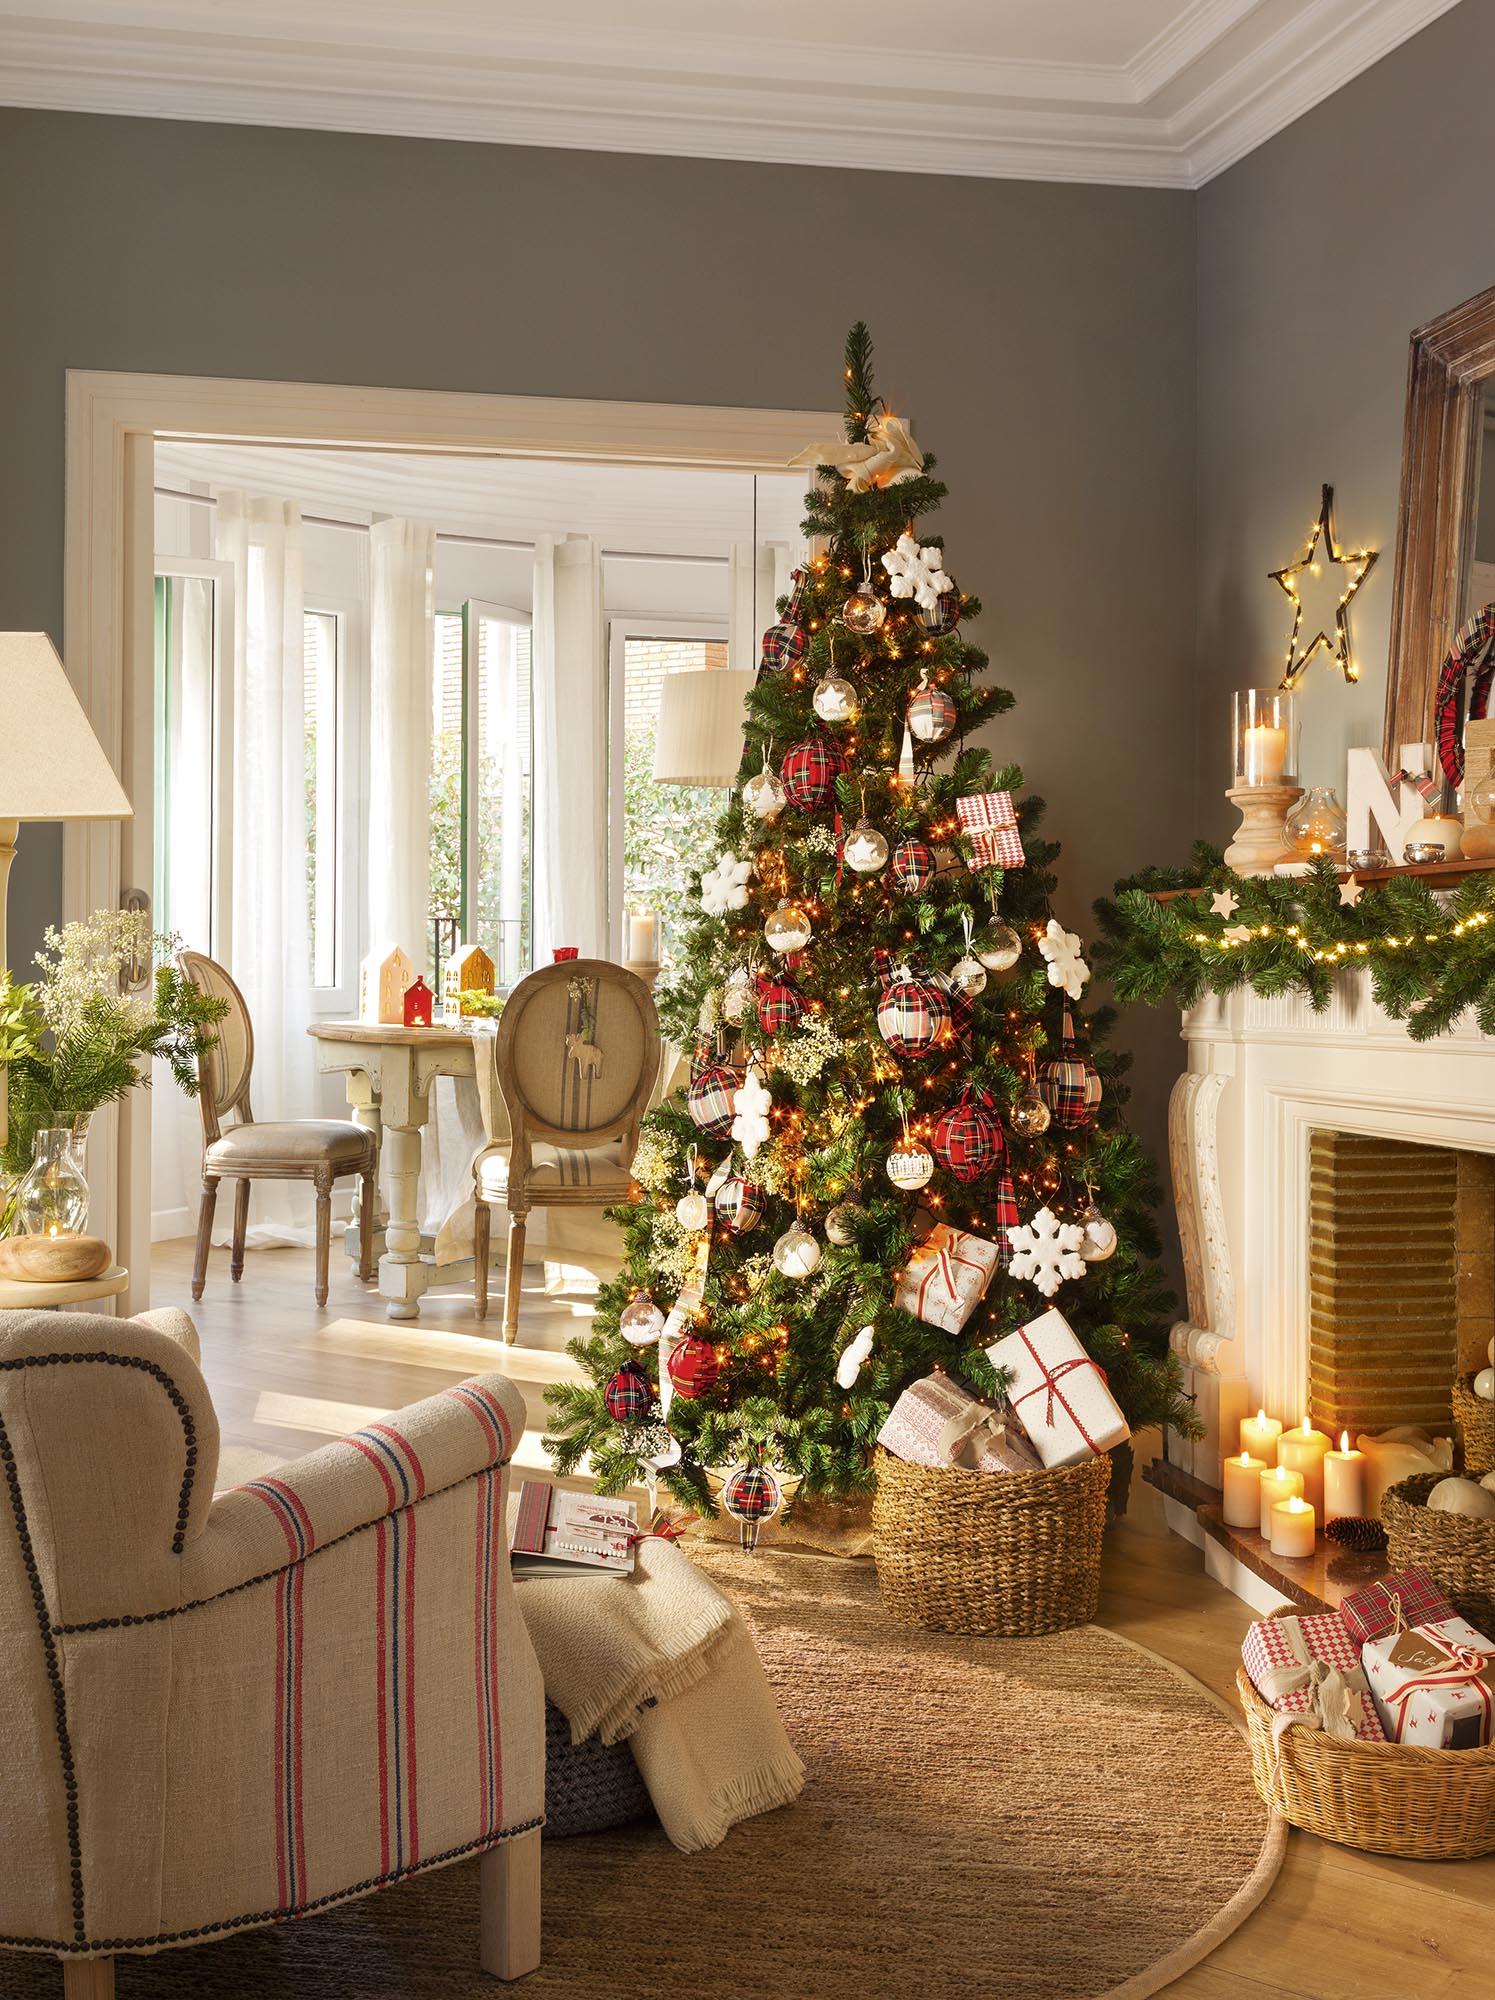 Árbol de Navidad con adornos rojos, verdes y blancos